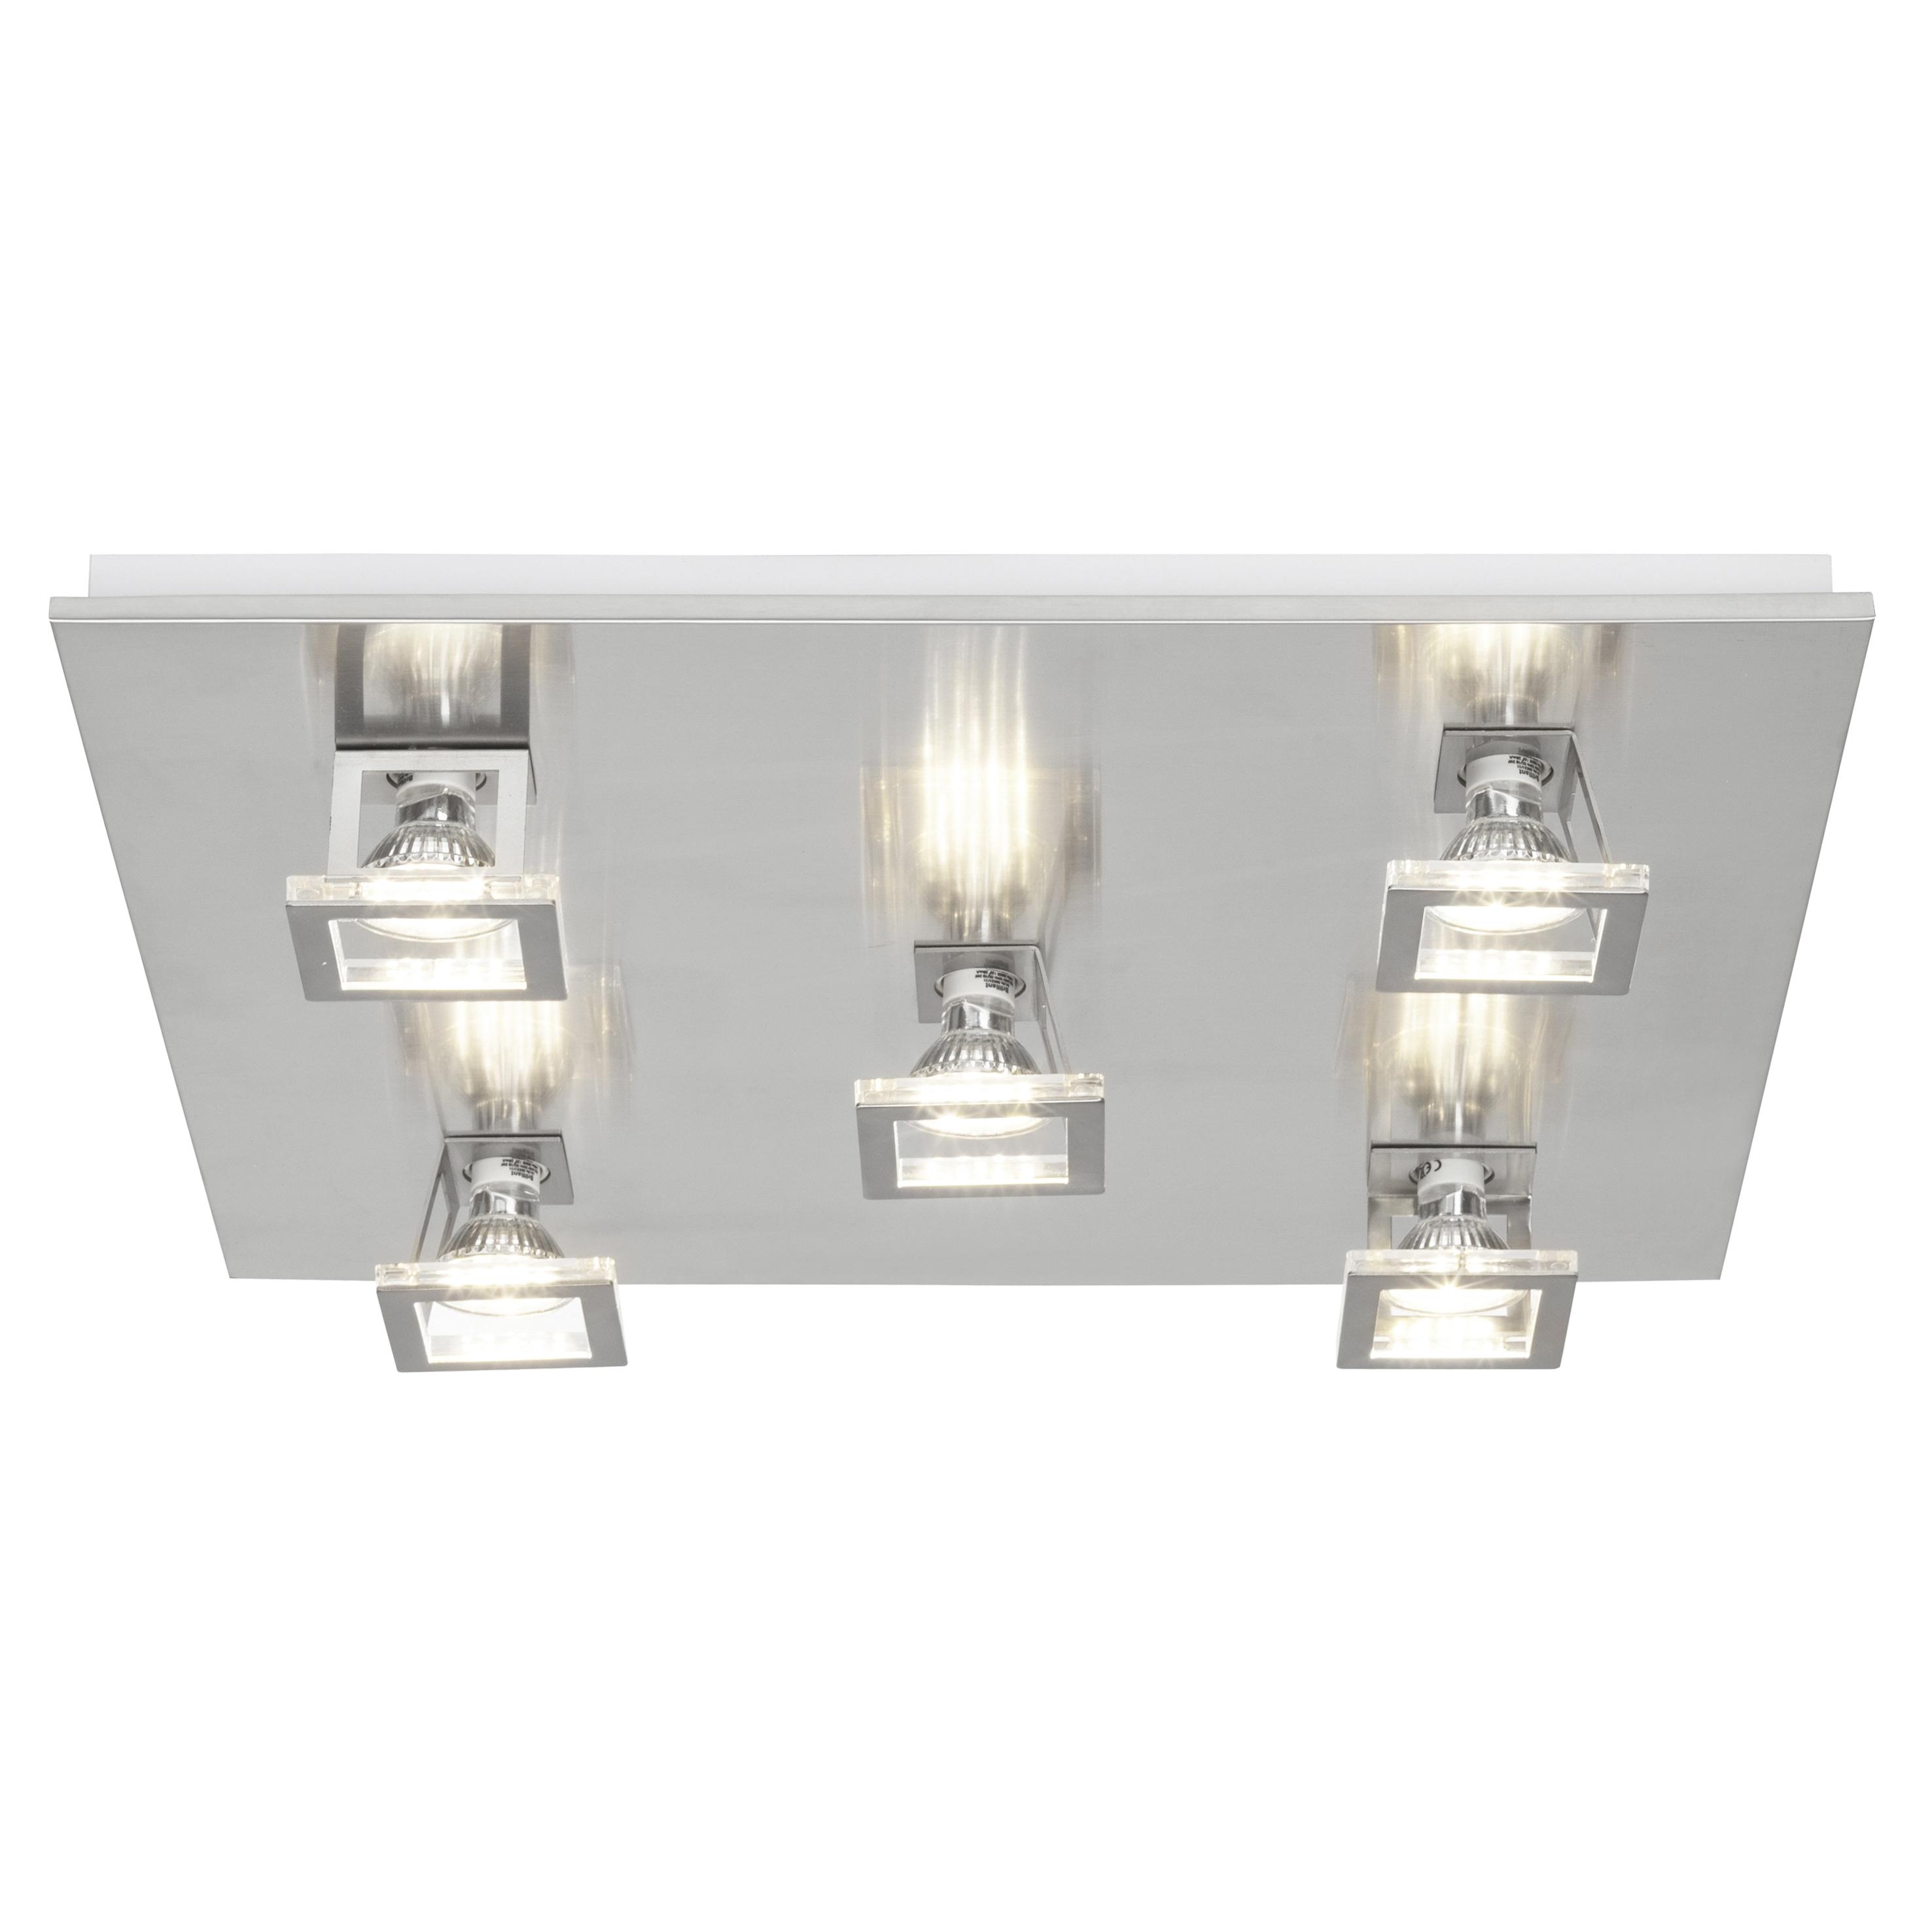 Brilliant Leuchten Window LED Deckenleuchte 5flg nickel